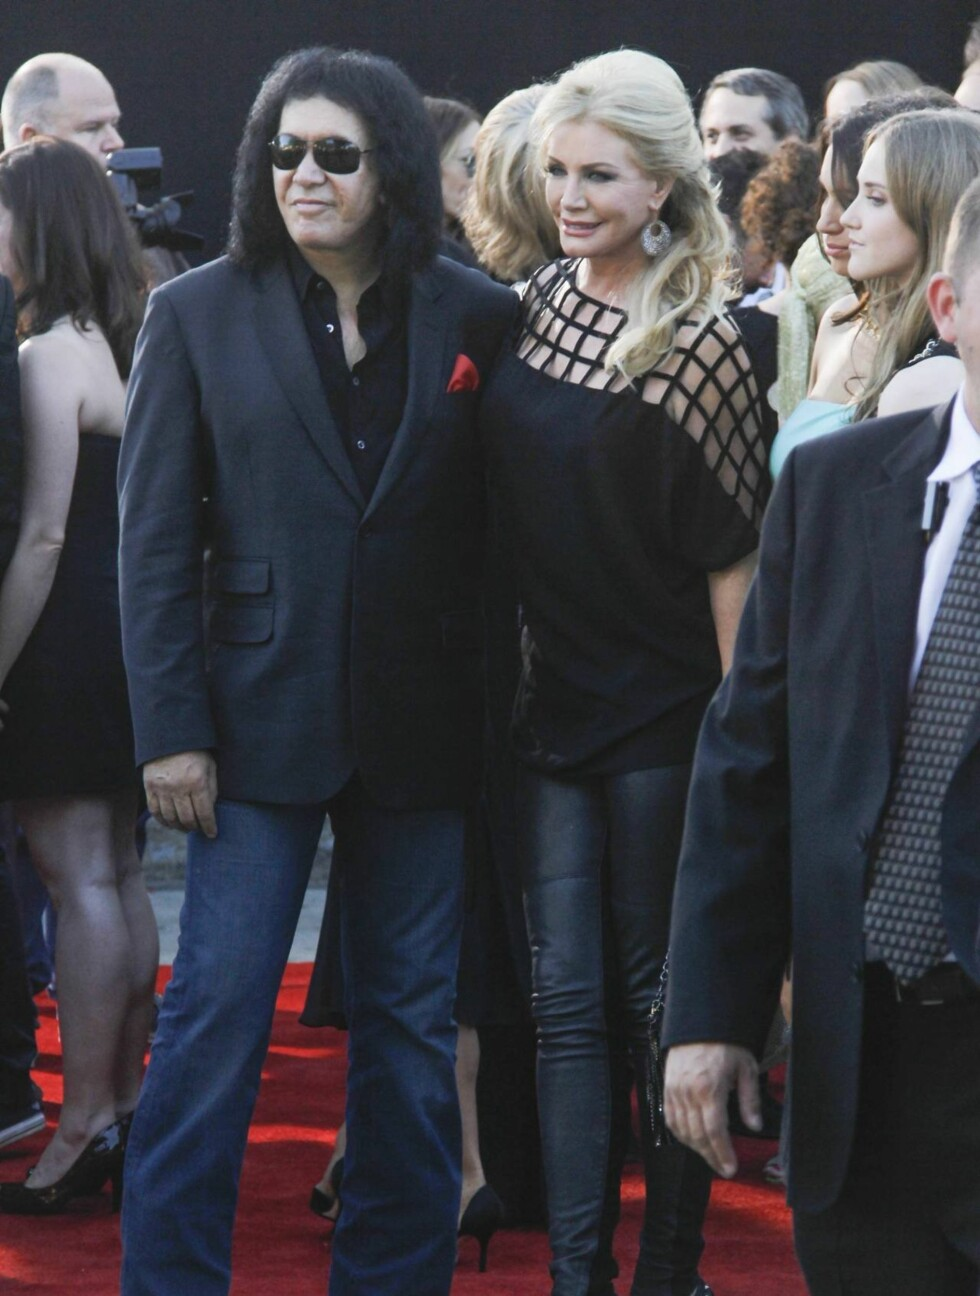 <strong>NORGESAKTUELL:</strong> Til lørdag kommer Gene Simmons og resten av KISS til Norge under Holmenkollen Sommerfestival. Mandag var han på filmpremiere med Shannon Tweed.  Foto: All Over Press